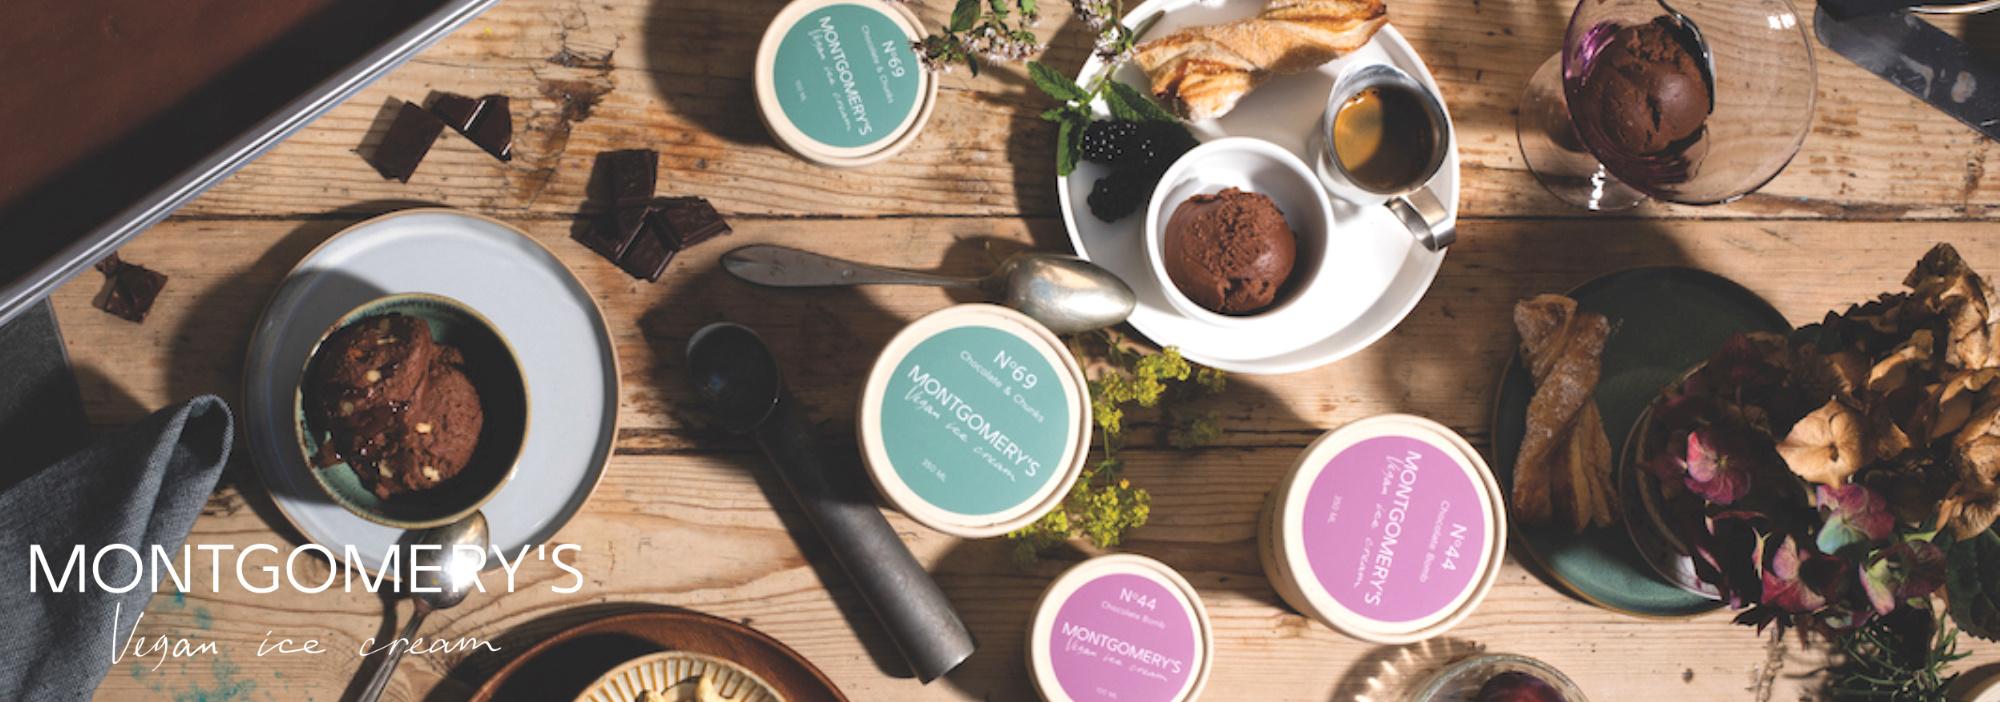 Montgomery's Vegan Ice Cream